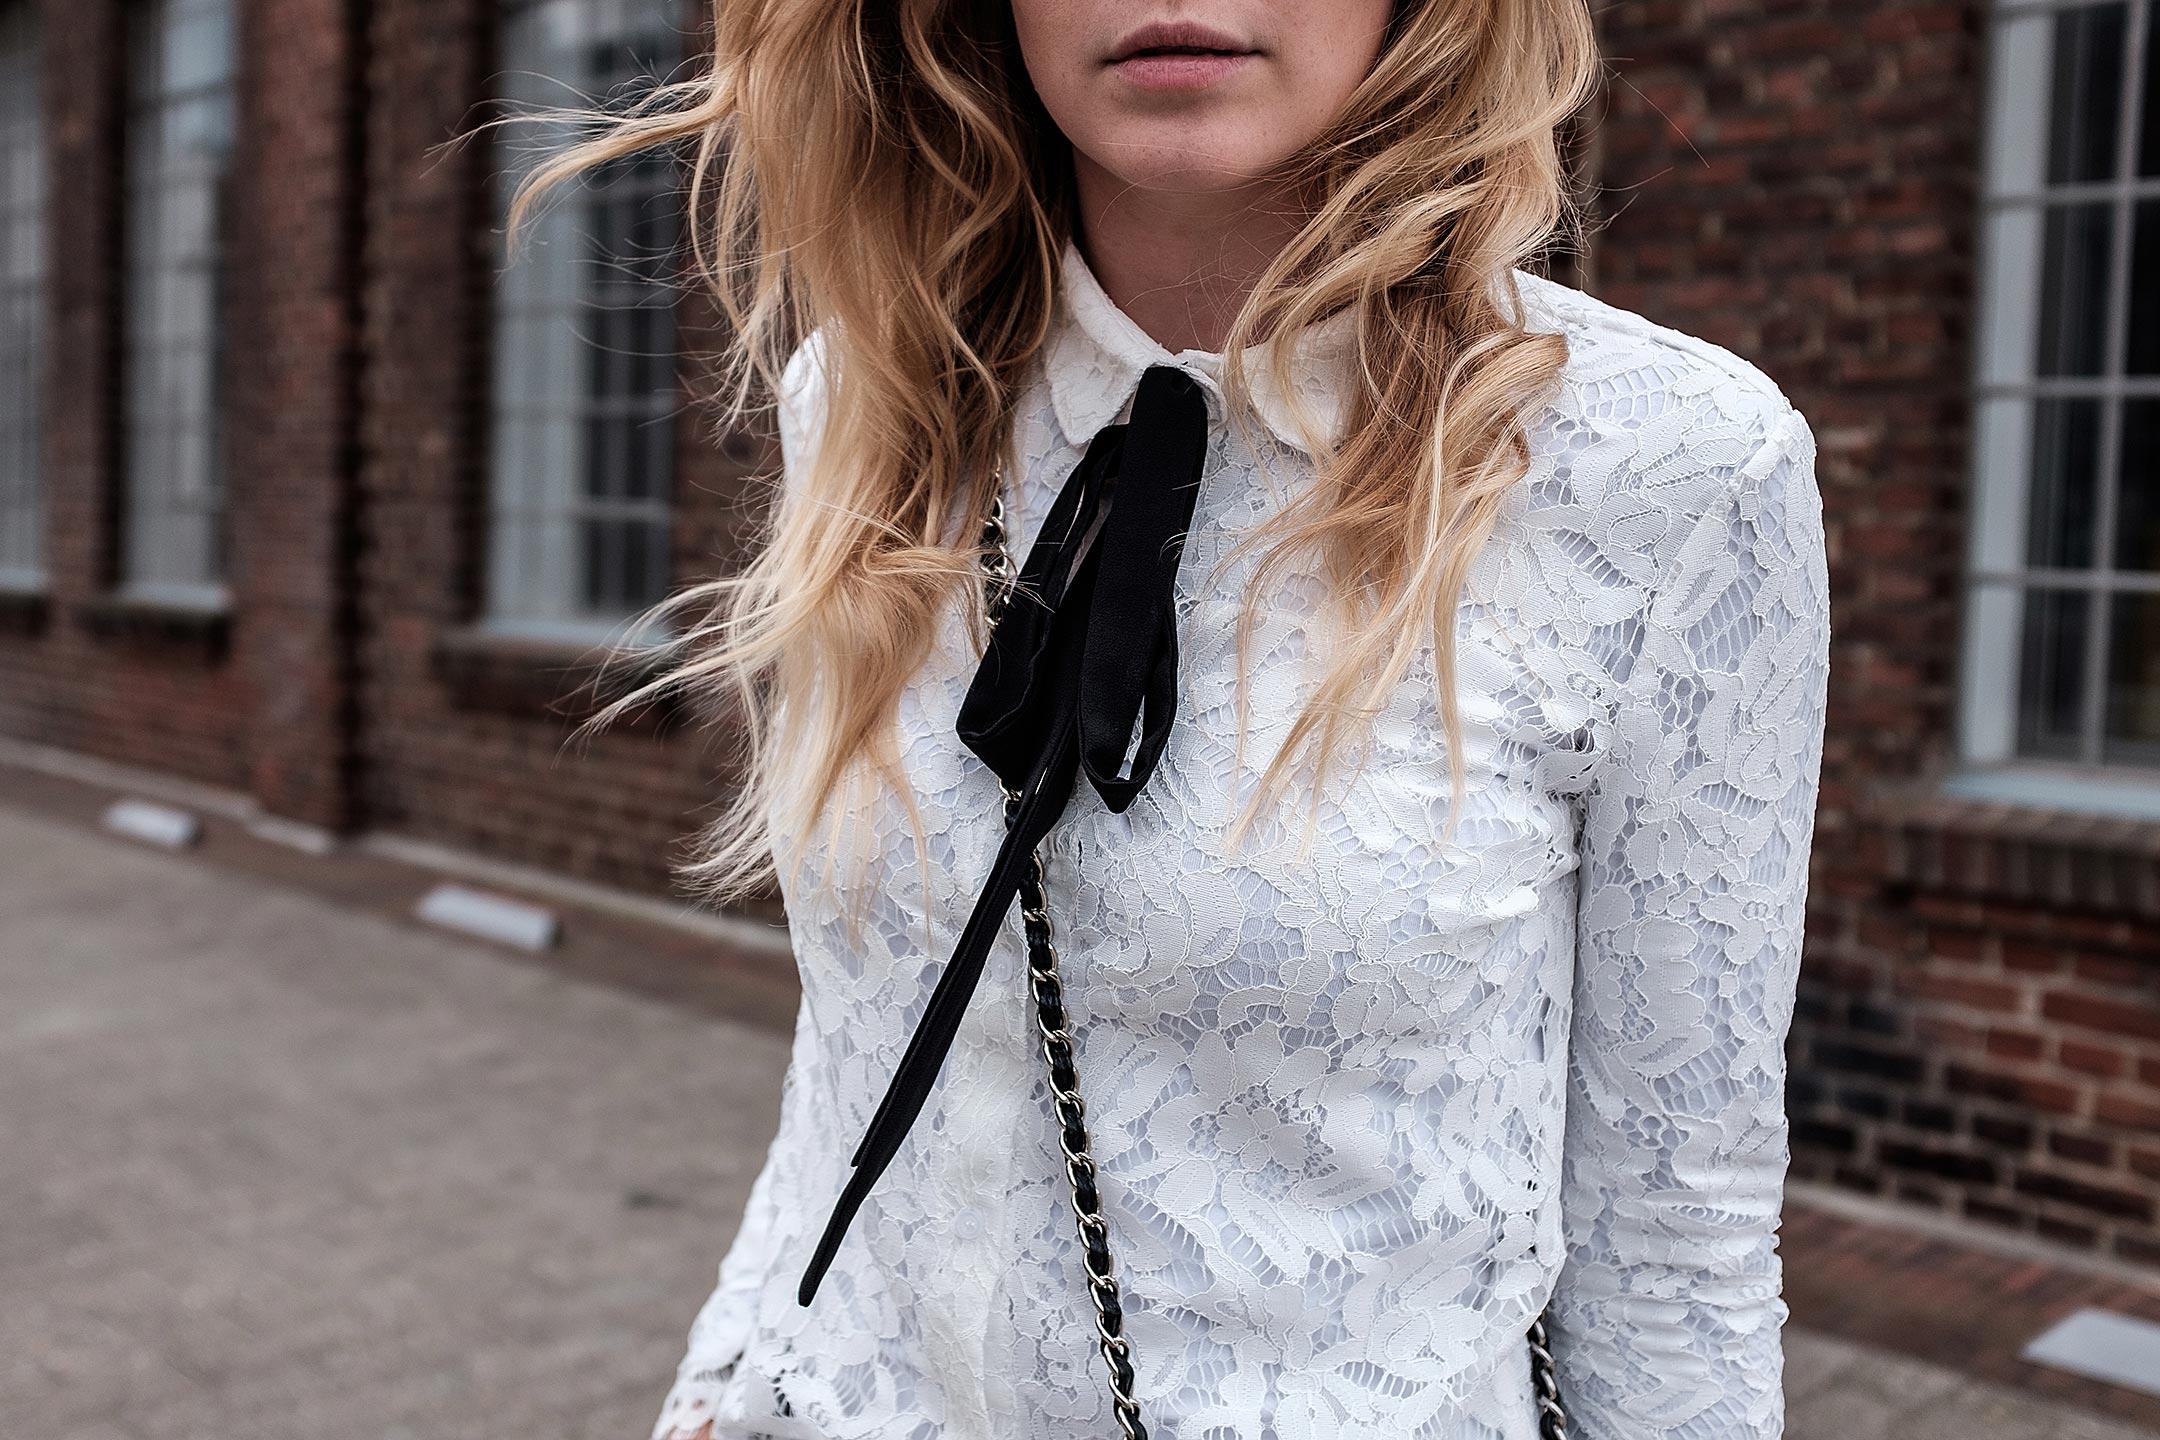 Weiße Spitzenbluse Outfit Fashionblog Sunnyinga